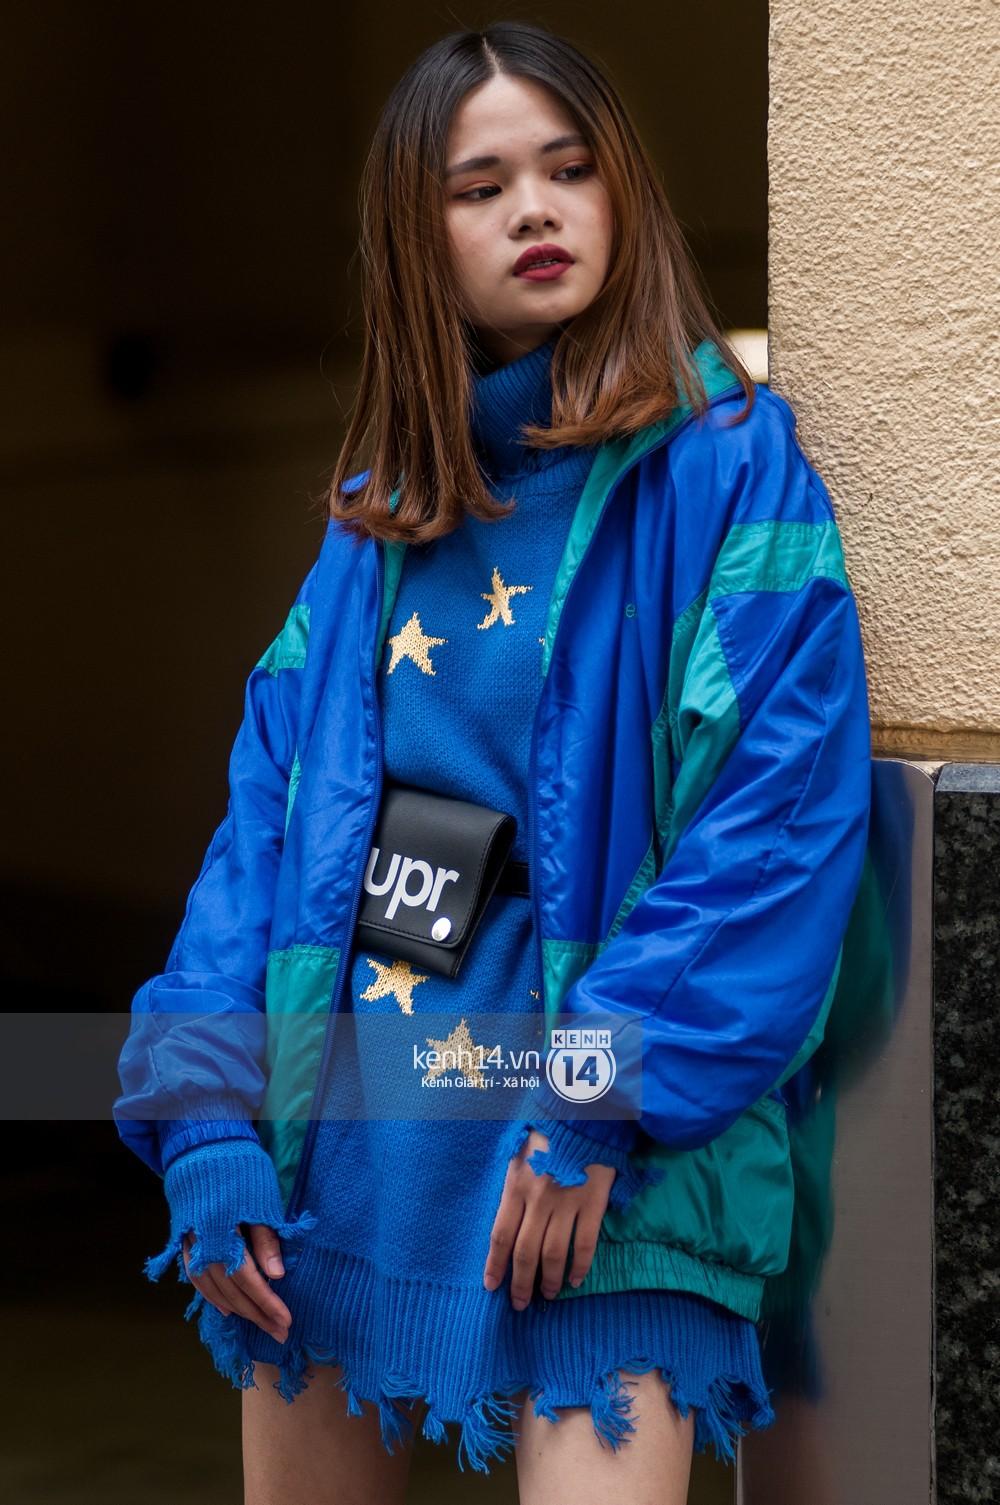 Street style 2 miền: các bạn trẻ nhất mực tôn sùng waist bag và side bag dù có lên đồ theo phong cách nào - Ảnh 2.